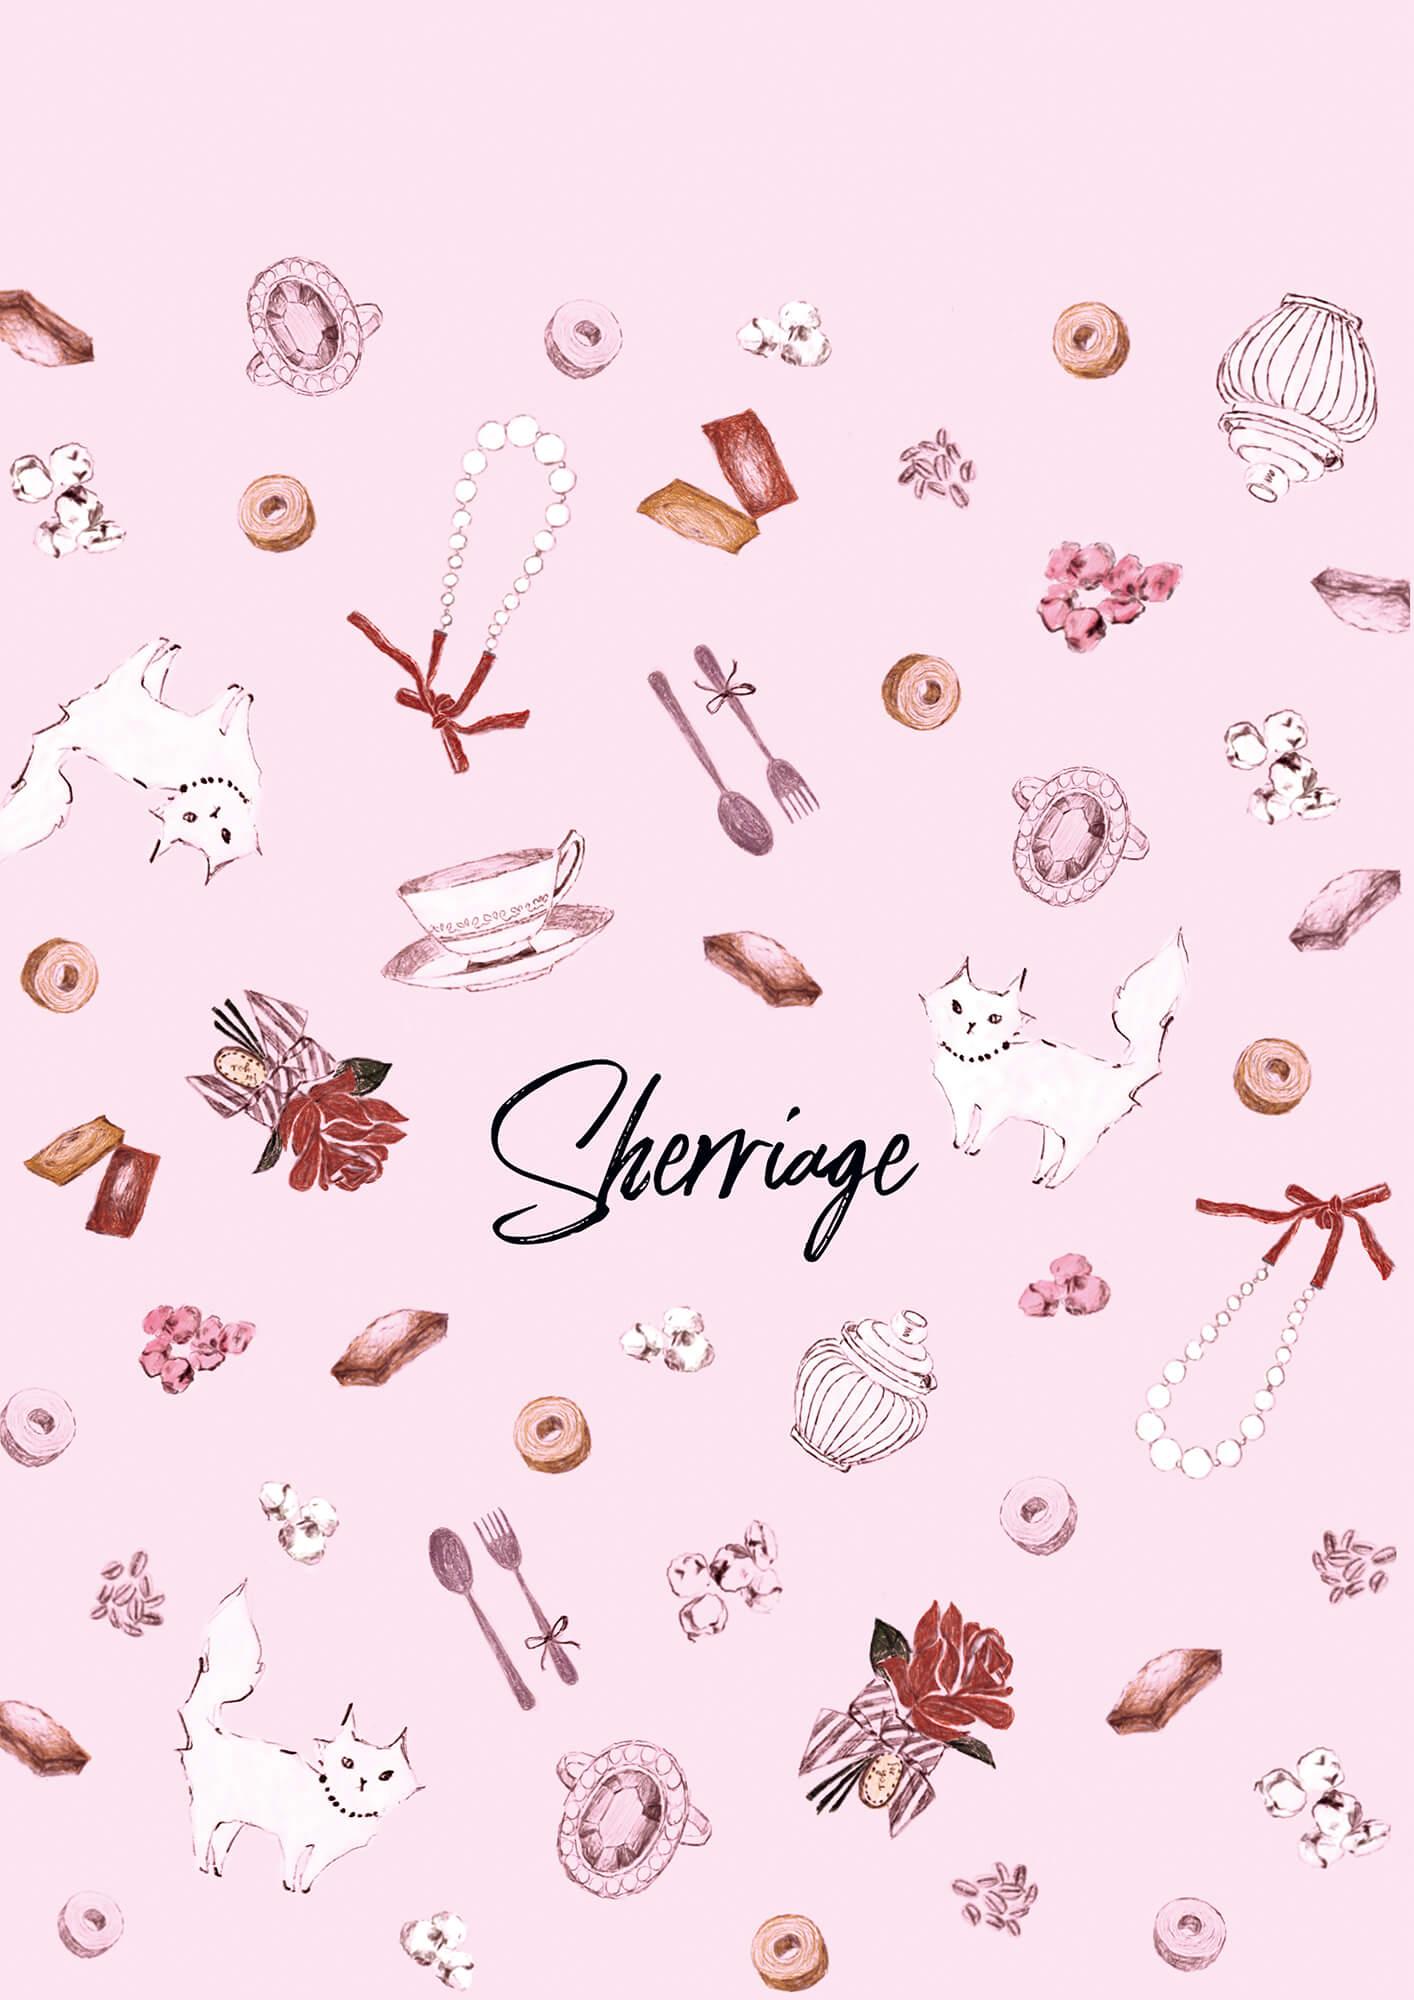 パッケージイラスト 2019年「Sherriage 可愛いピンクのイラストで結婚式の引き出物などに」